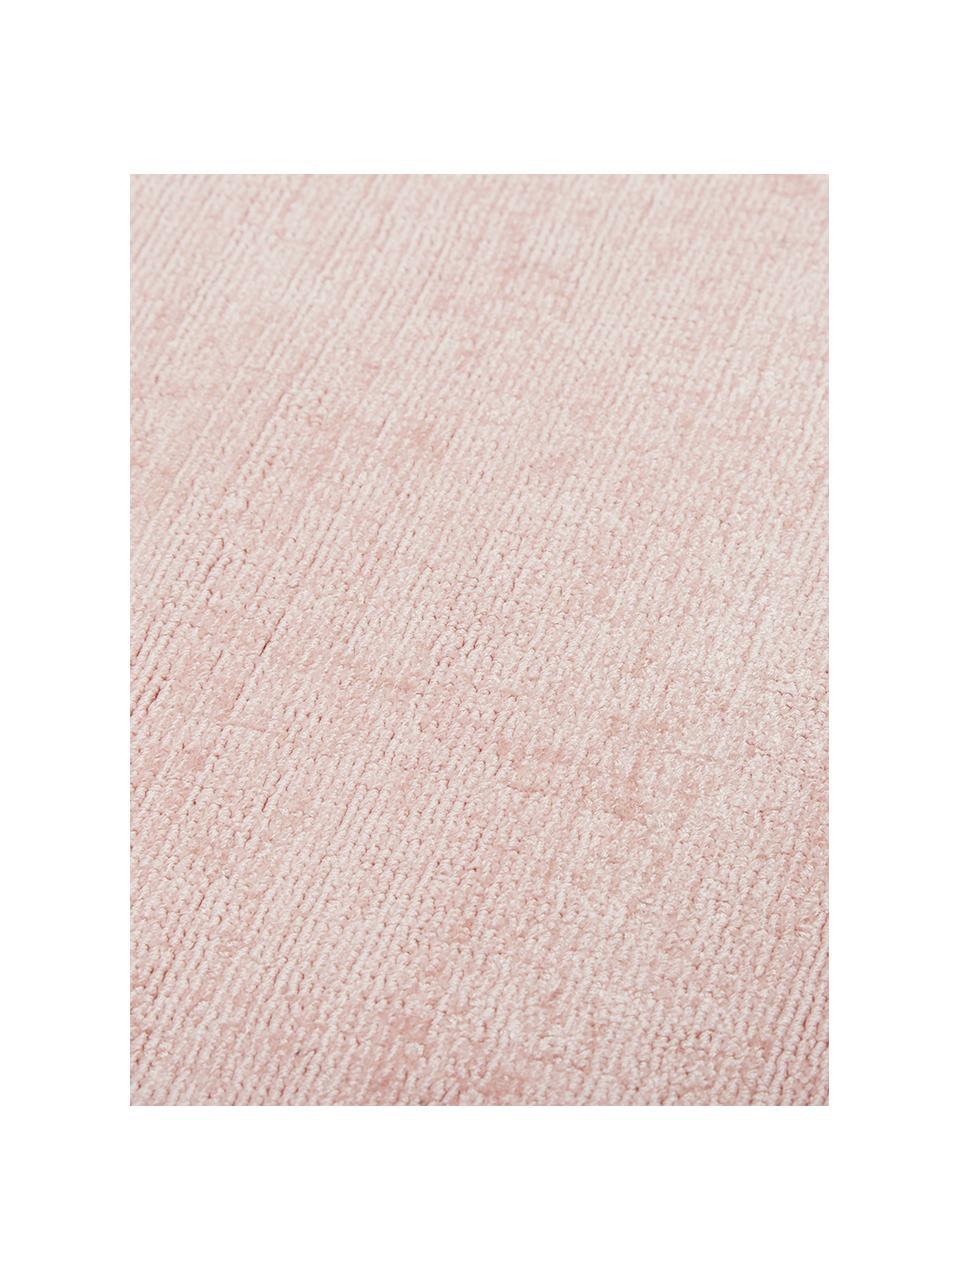 Tappeto in viscosa rosa tessuto a mano Jane, Retro: 100% cotone, Rosa, Larg. 120 x Lung. 180 cm (taglia S)